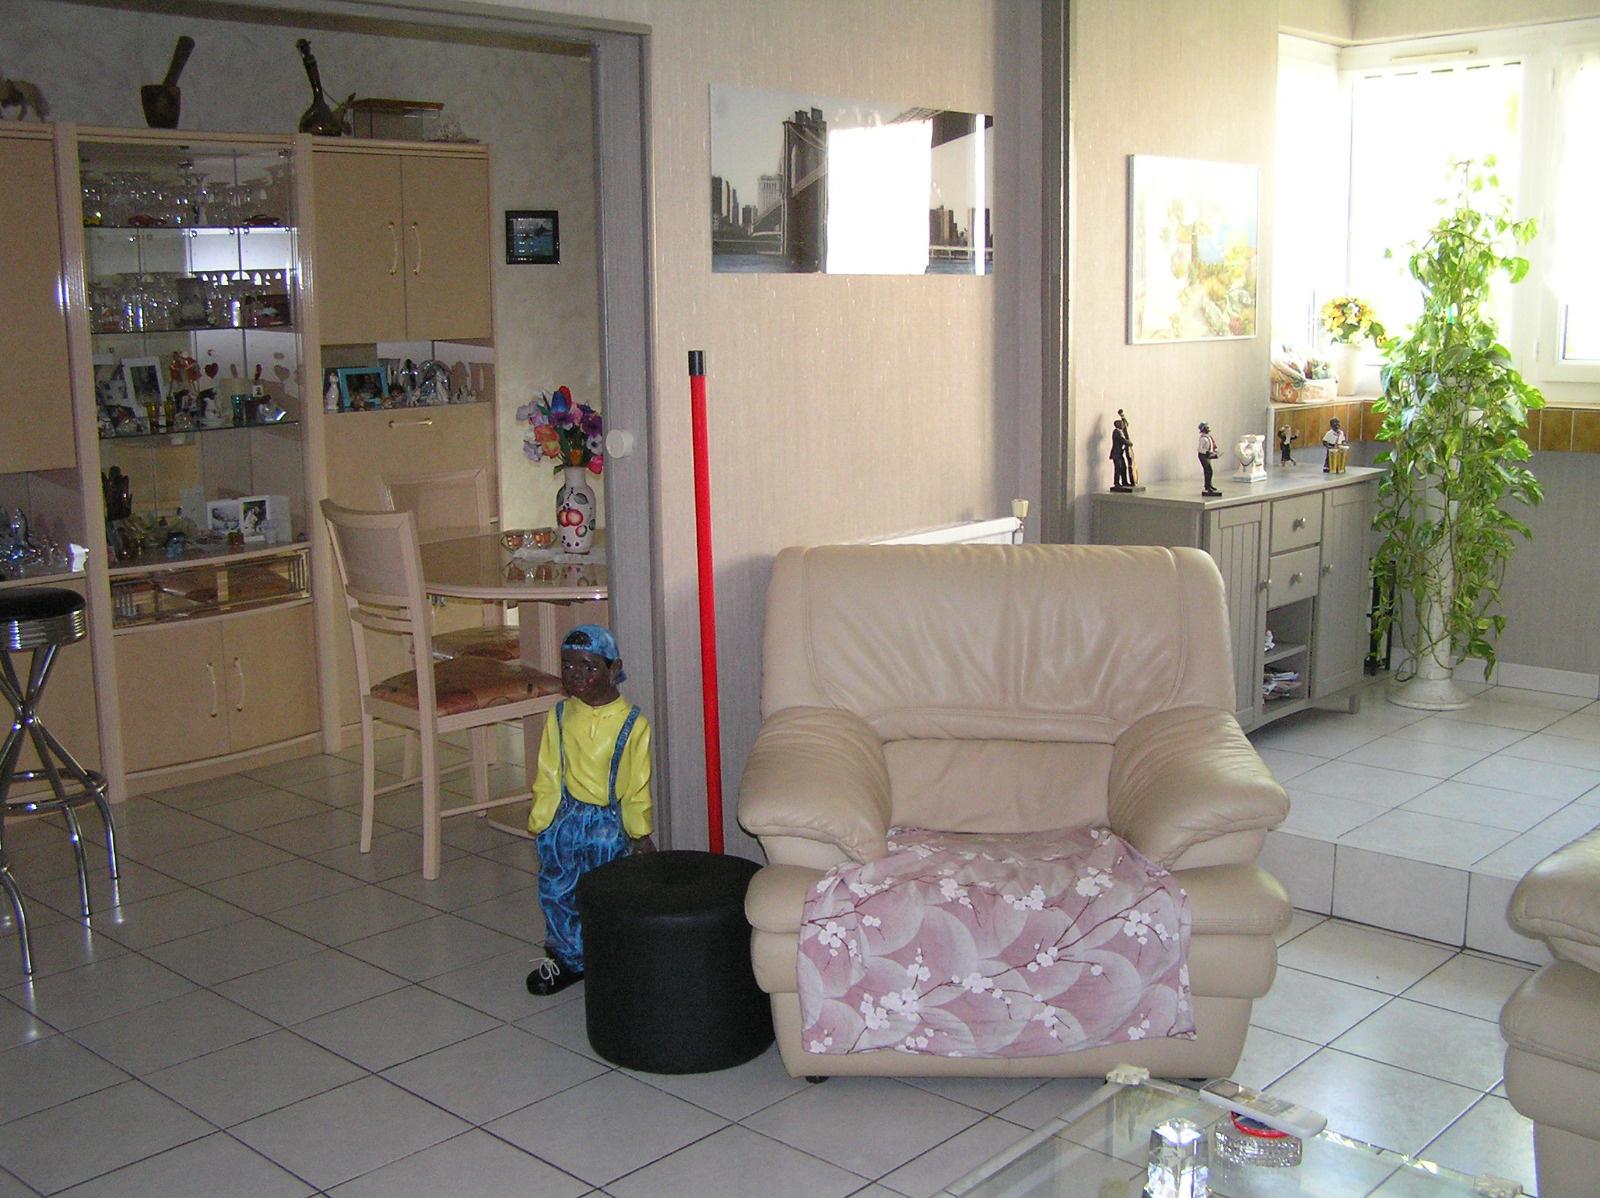 Vente appartement t4 en rez de jardin martigues - Chambre de commerce martigues ...